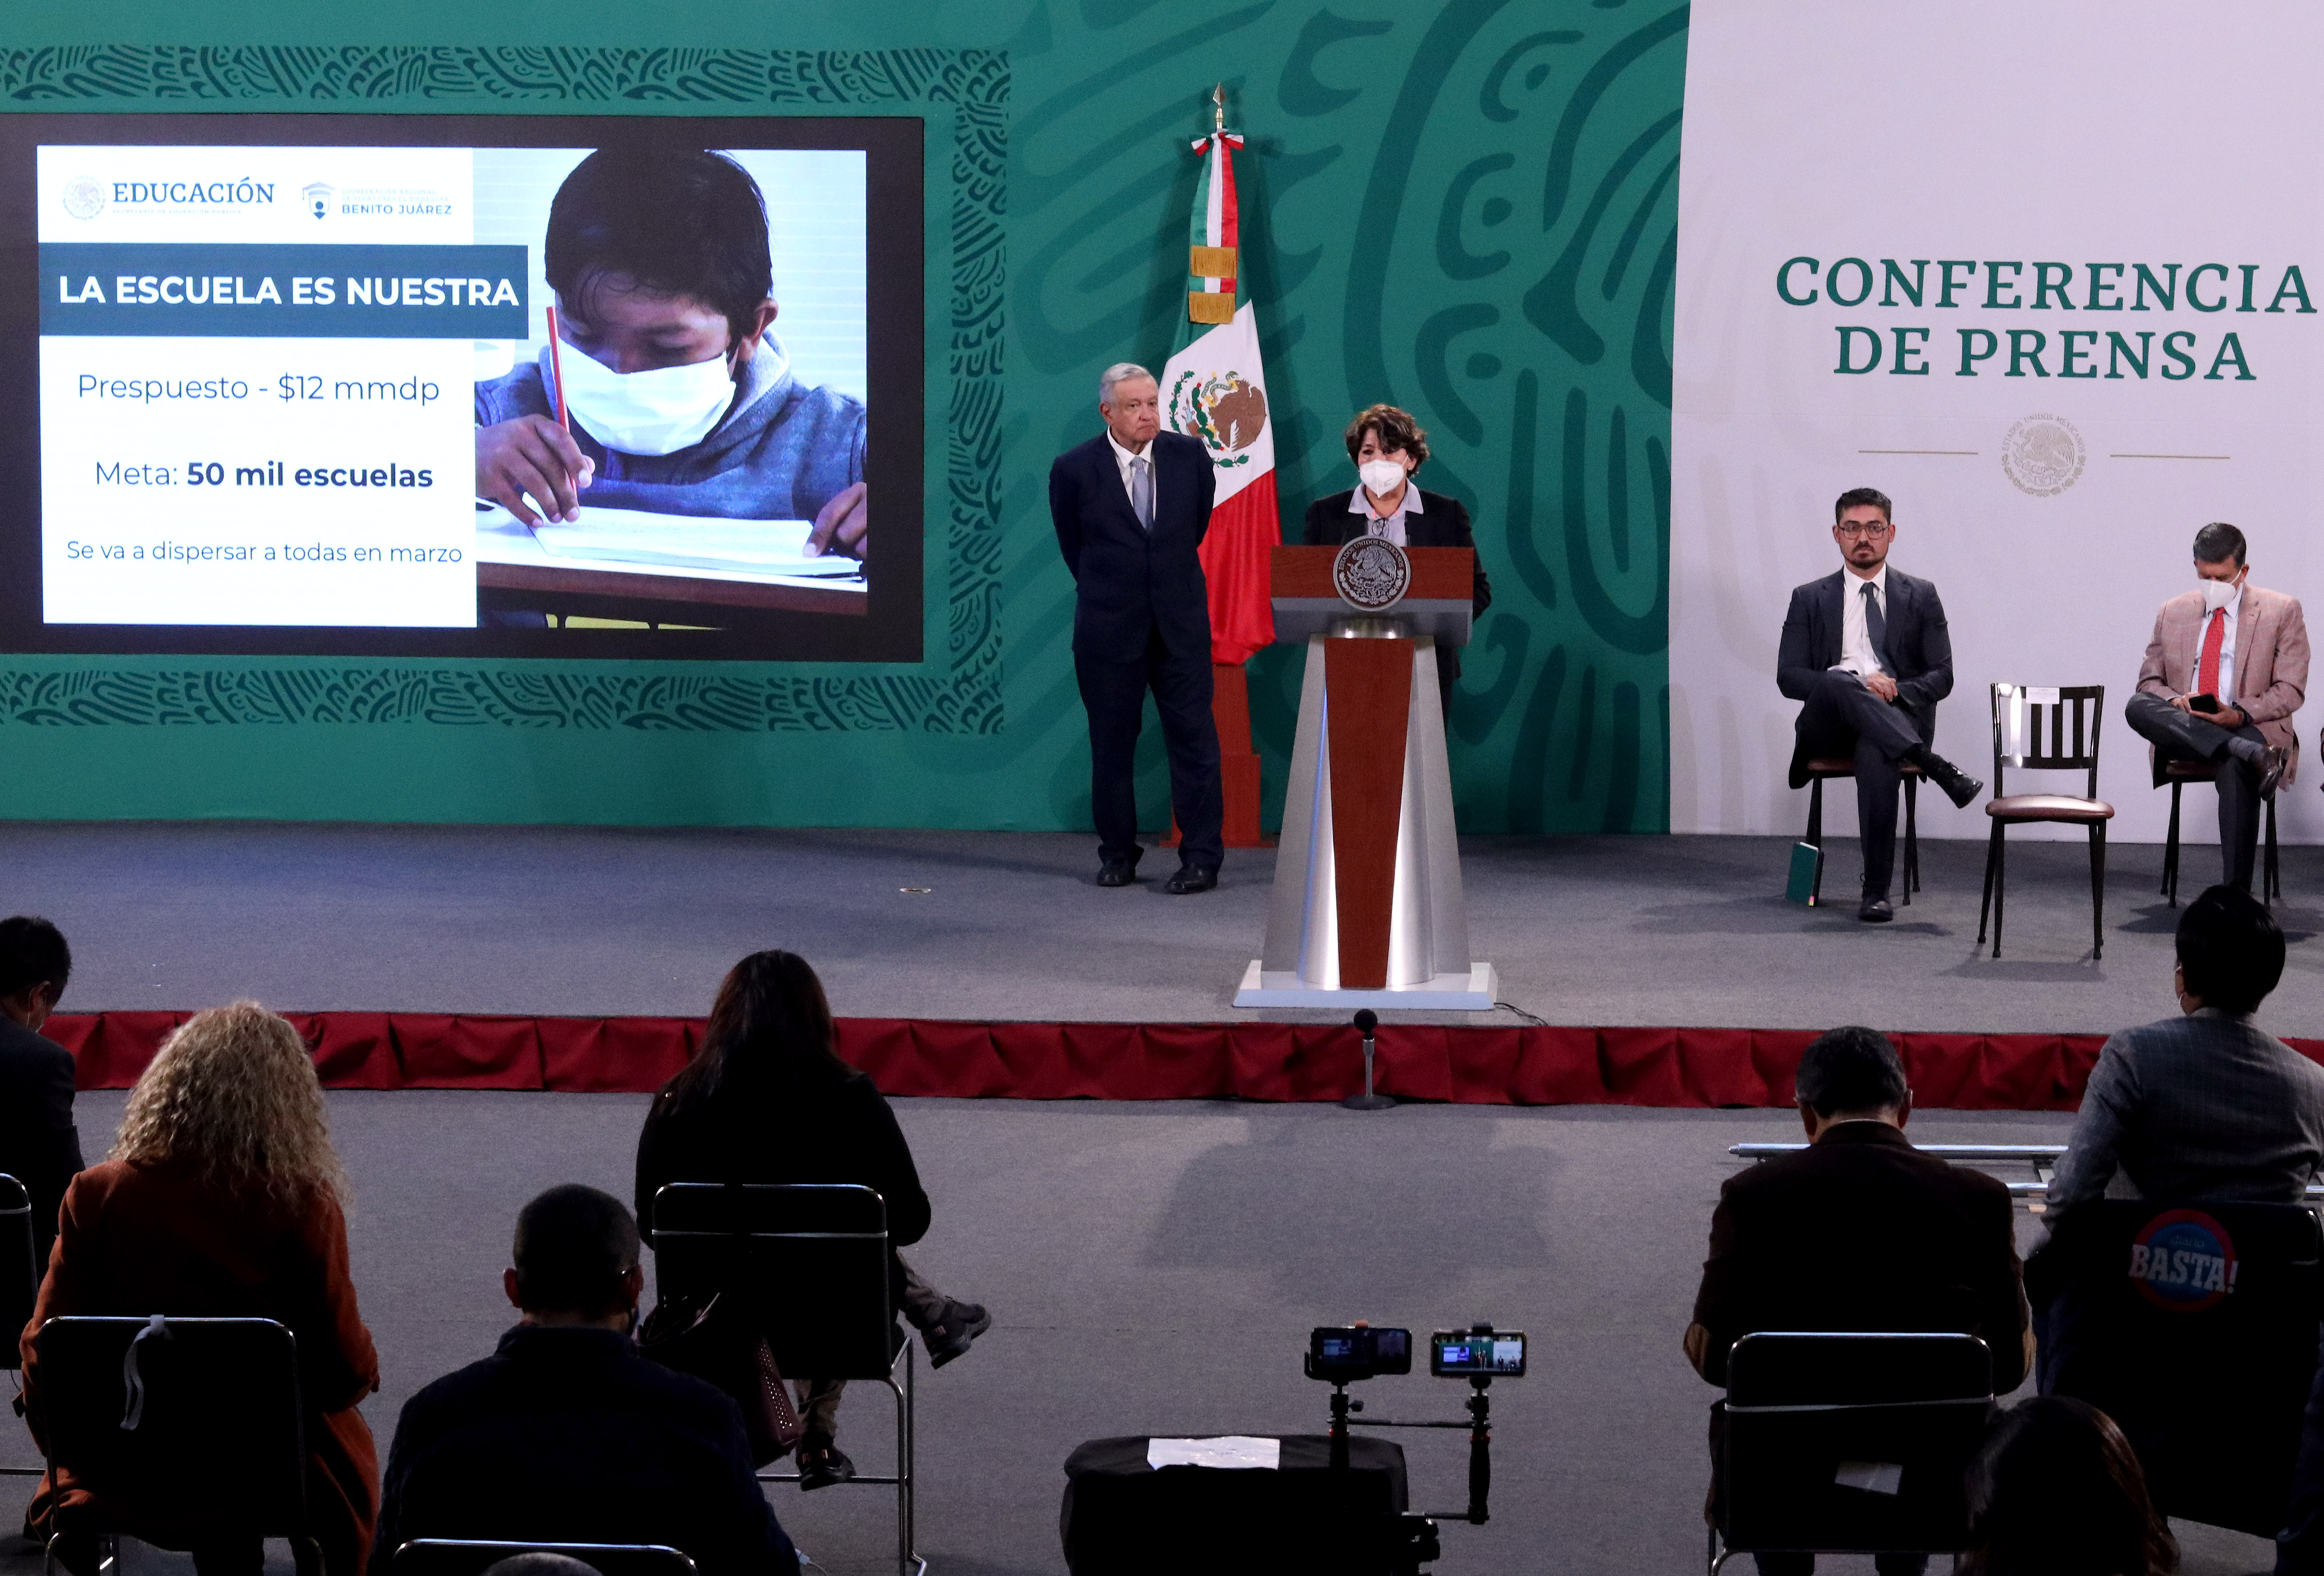 Adelantará el Gobierno de México entrega de Becas y apoyos del programa La Escuela es Nuestra al mes de marzo